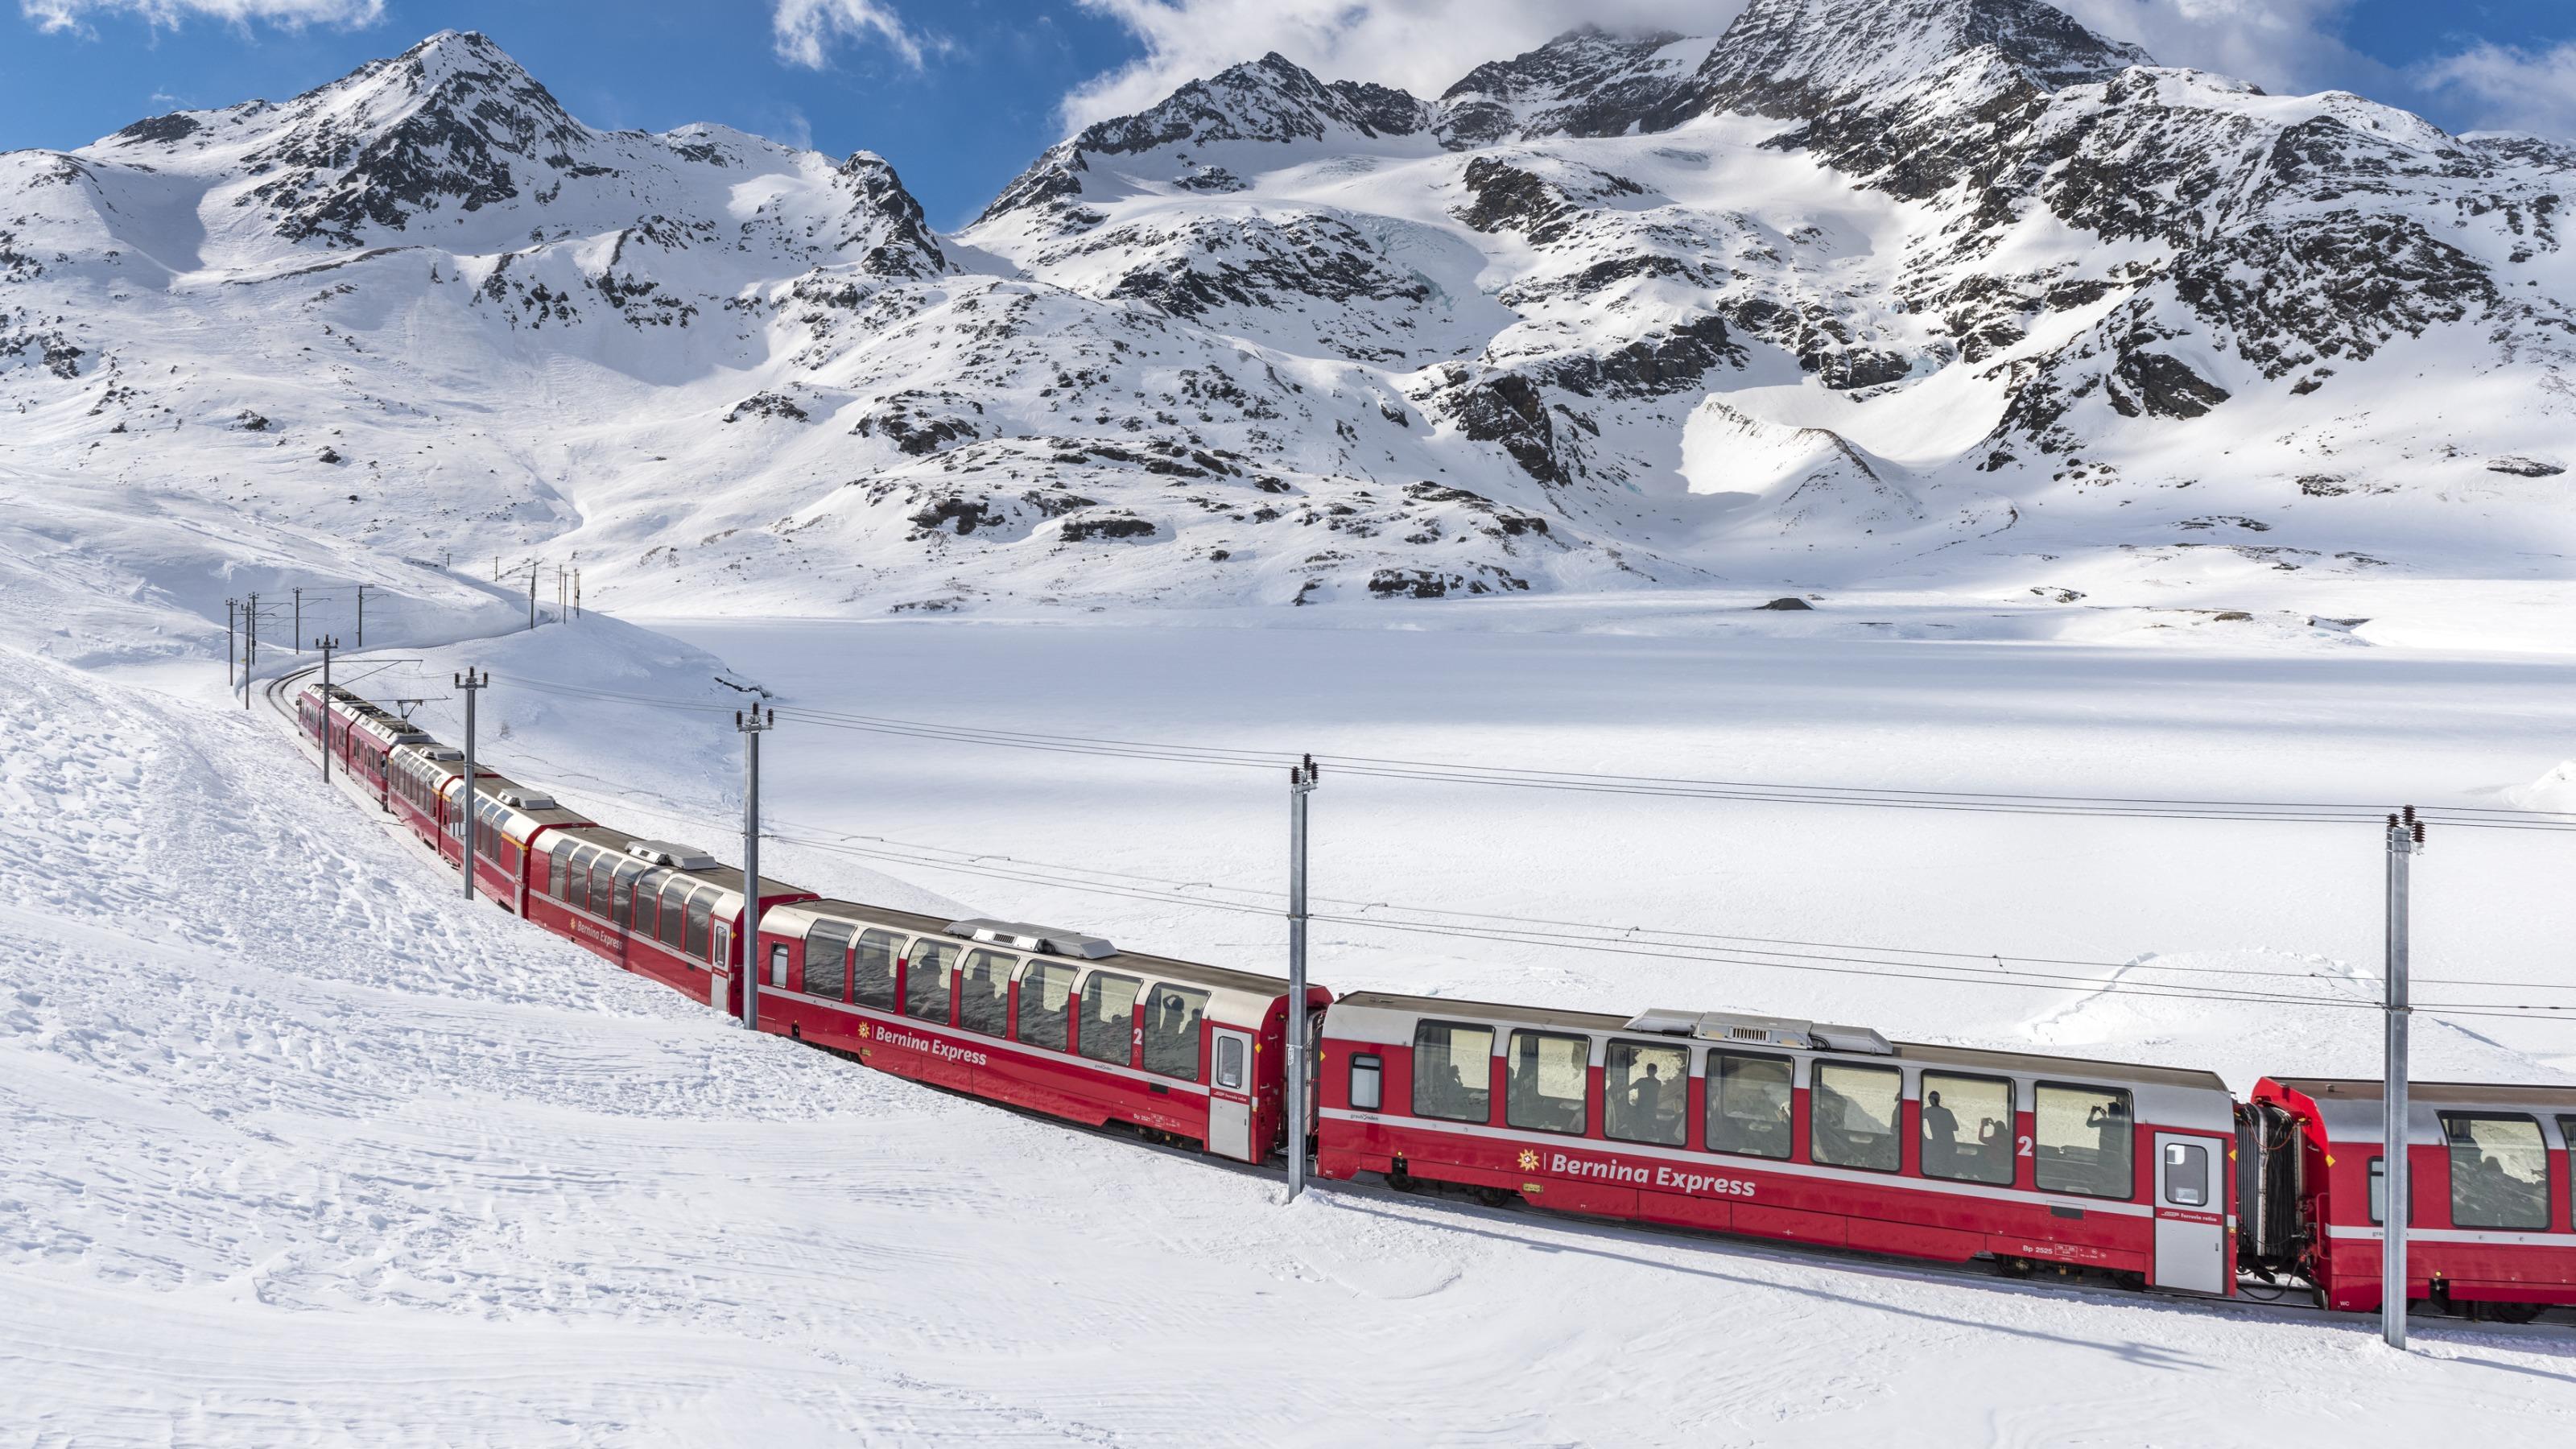 Business Tour: Bernina Express - MICE Industry